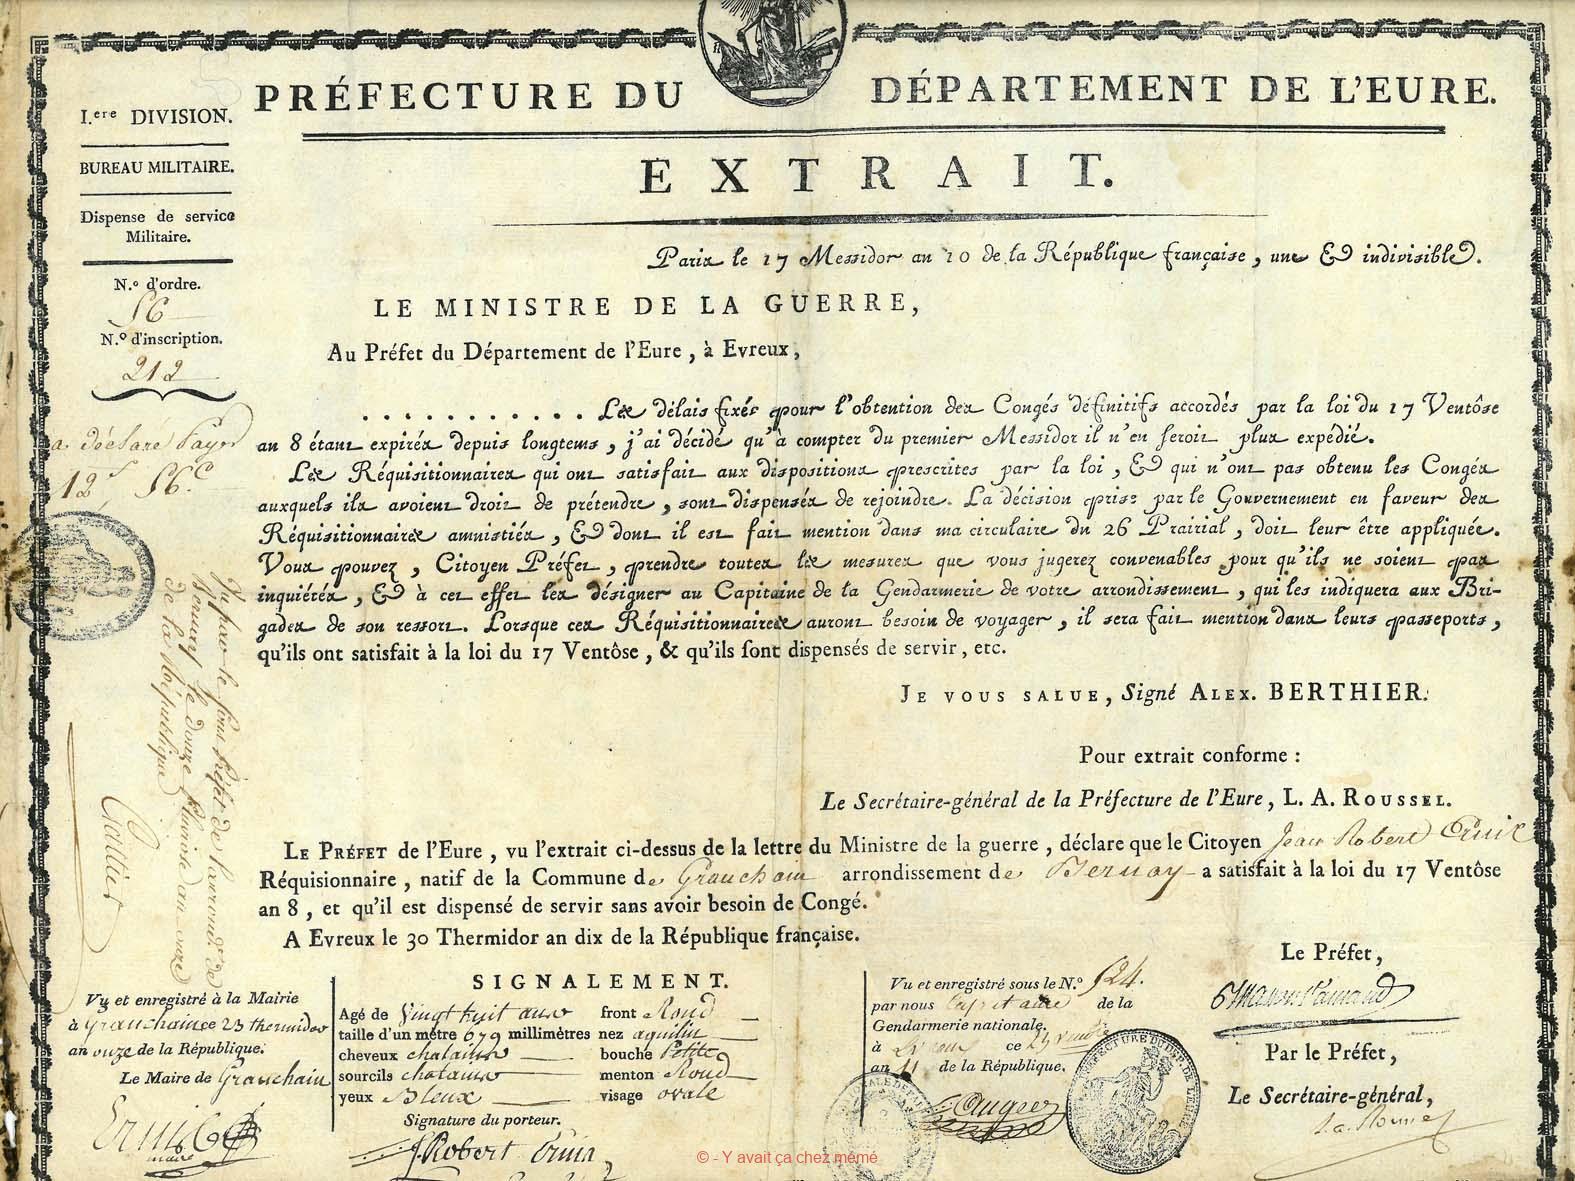 Granchain - Dispense militaire de Jean Robert TRUIN signe le 11 août 1803 en Mairie de Granchain